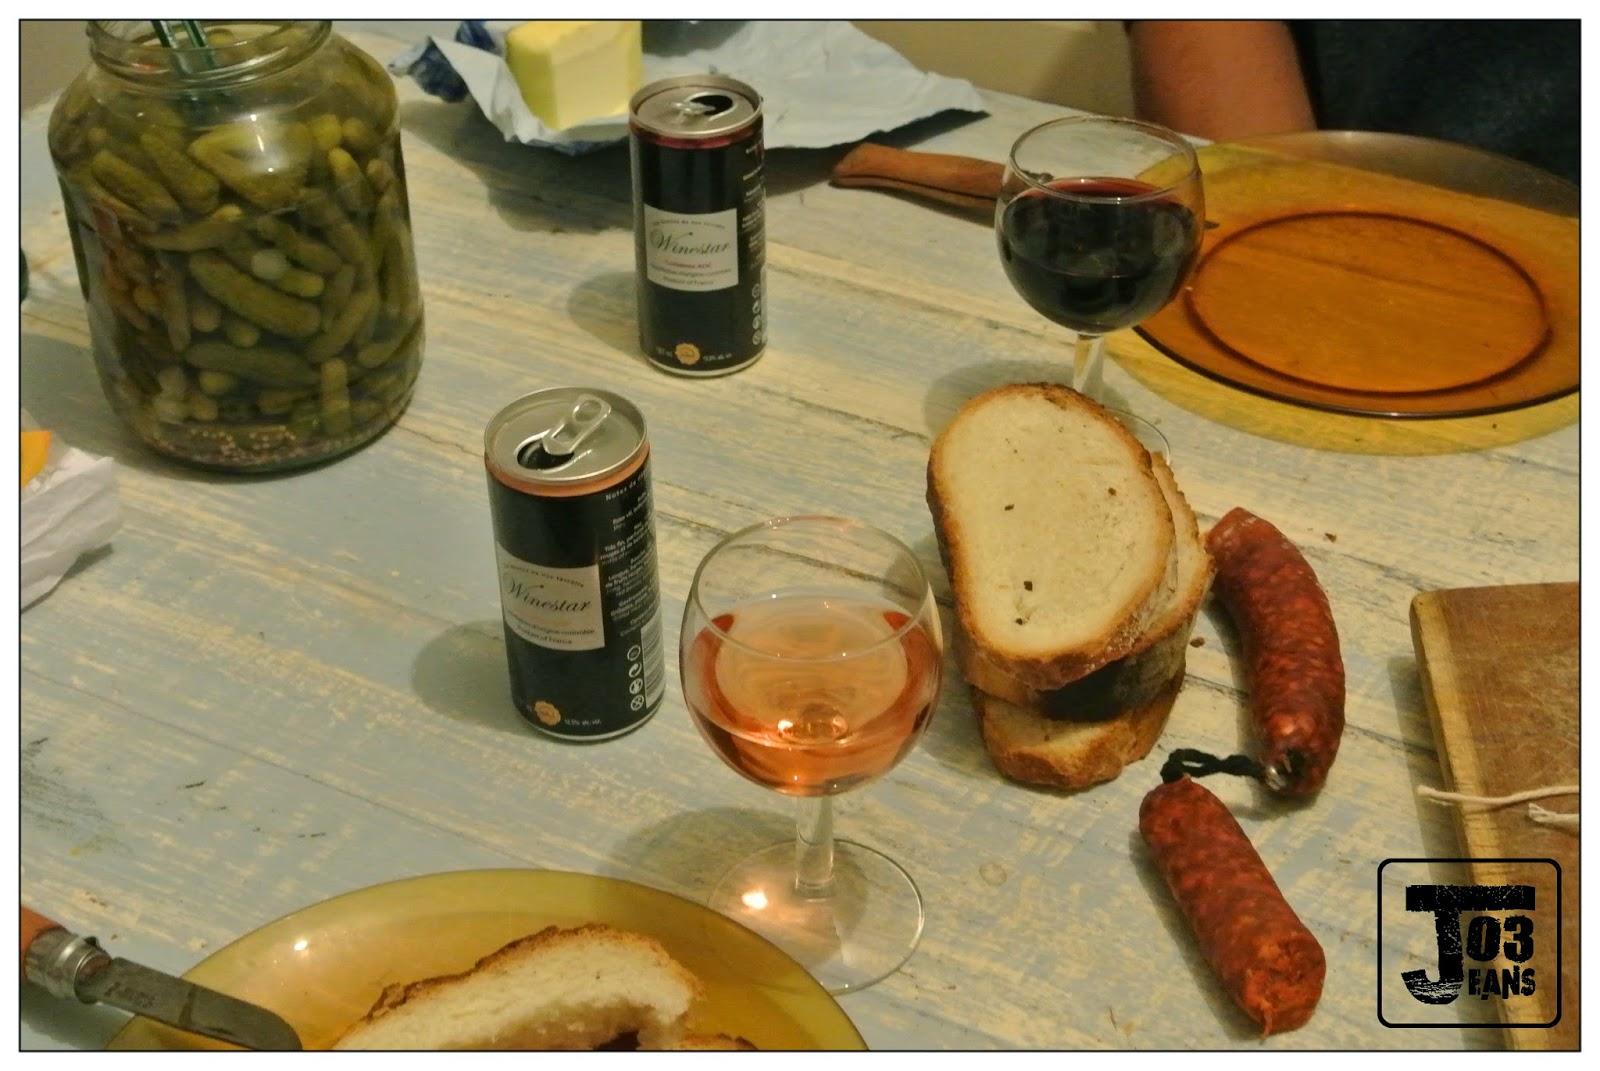 jo3jeans winestar le vin au verre emporter. Black Bedroom Furniture Sets. Home Design Ideas